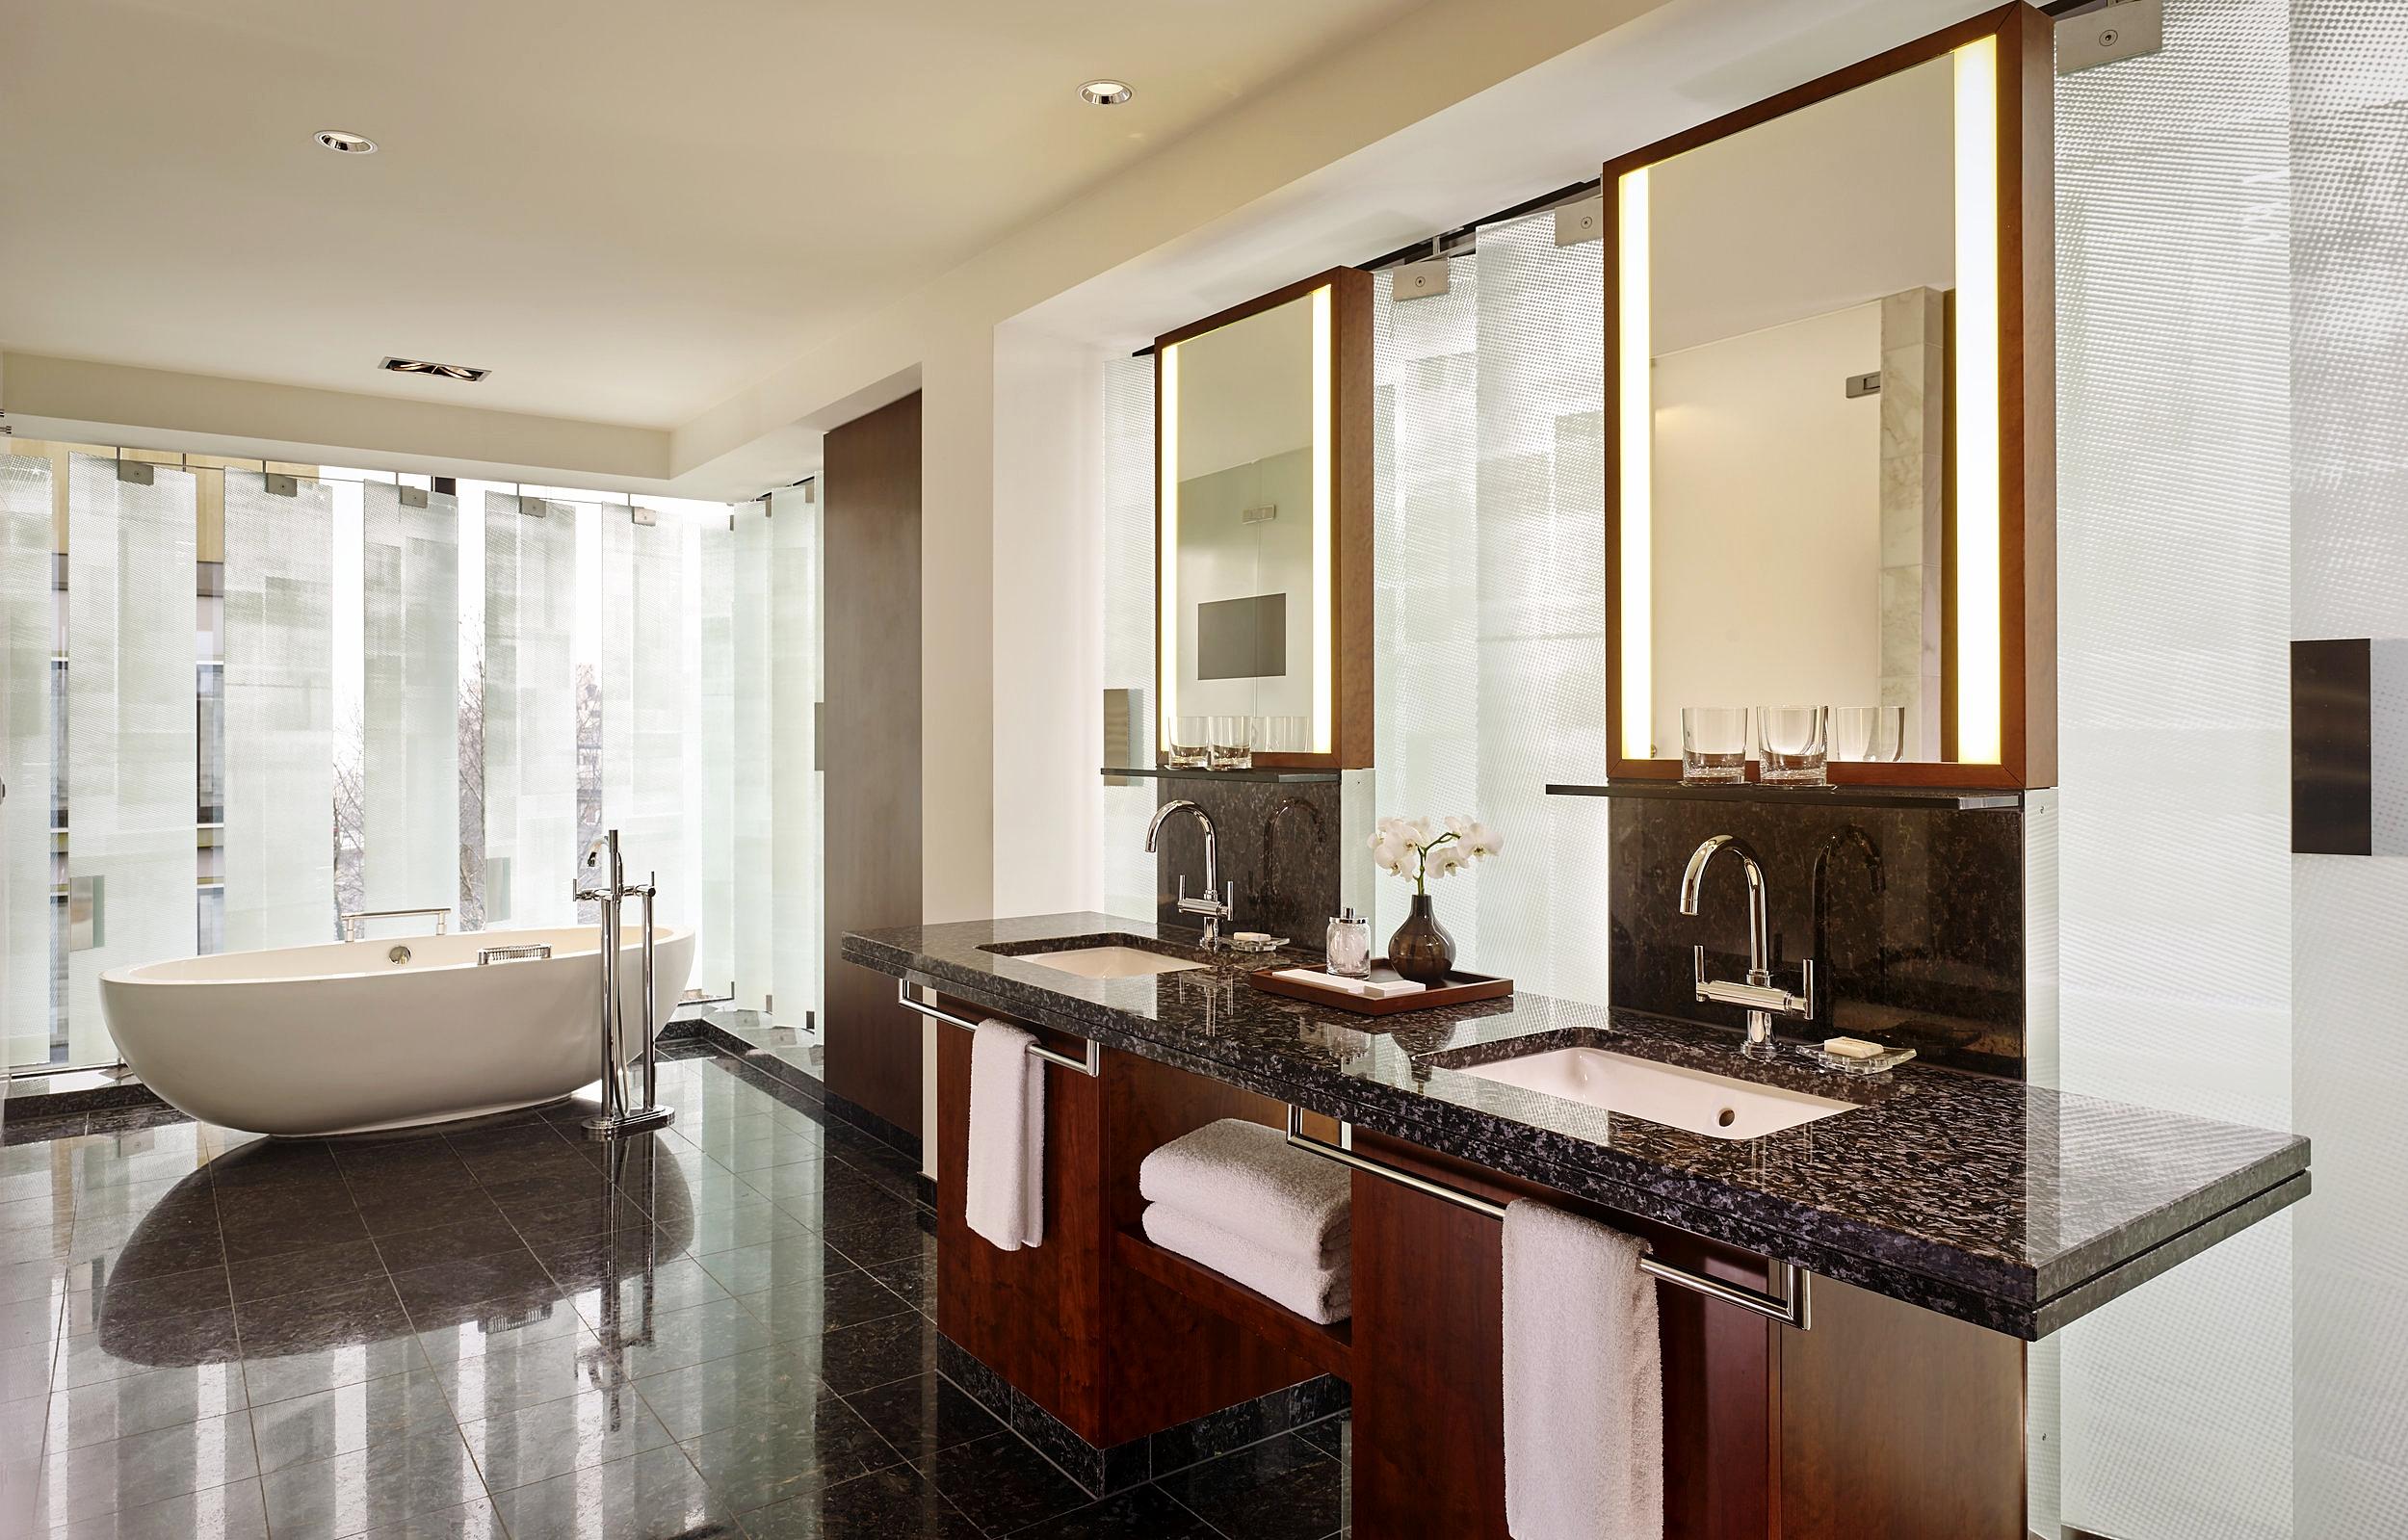 Bathroom - Spazioso e luminoso oltre ogni immaginazione. Il contrasto tra il marmo scuro e le finestre rischiarate dalla luce del sole creano un'atmosfera irriesistibile per un bagno a luce di candela.